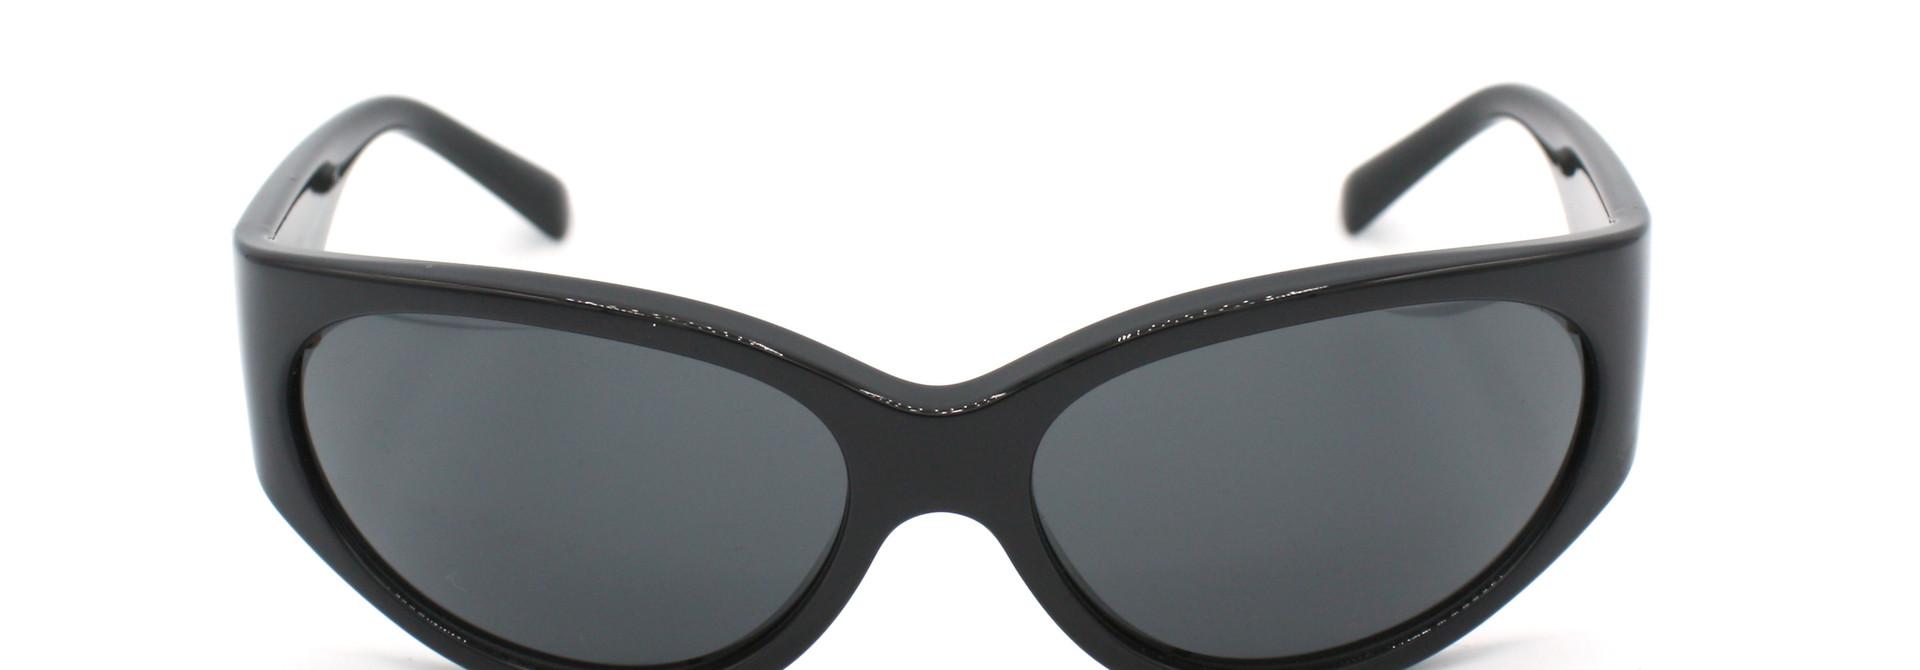 Versace - 4386 - GB1/87 - 3N